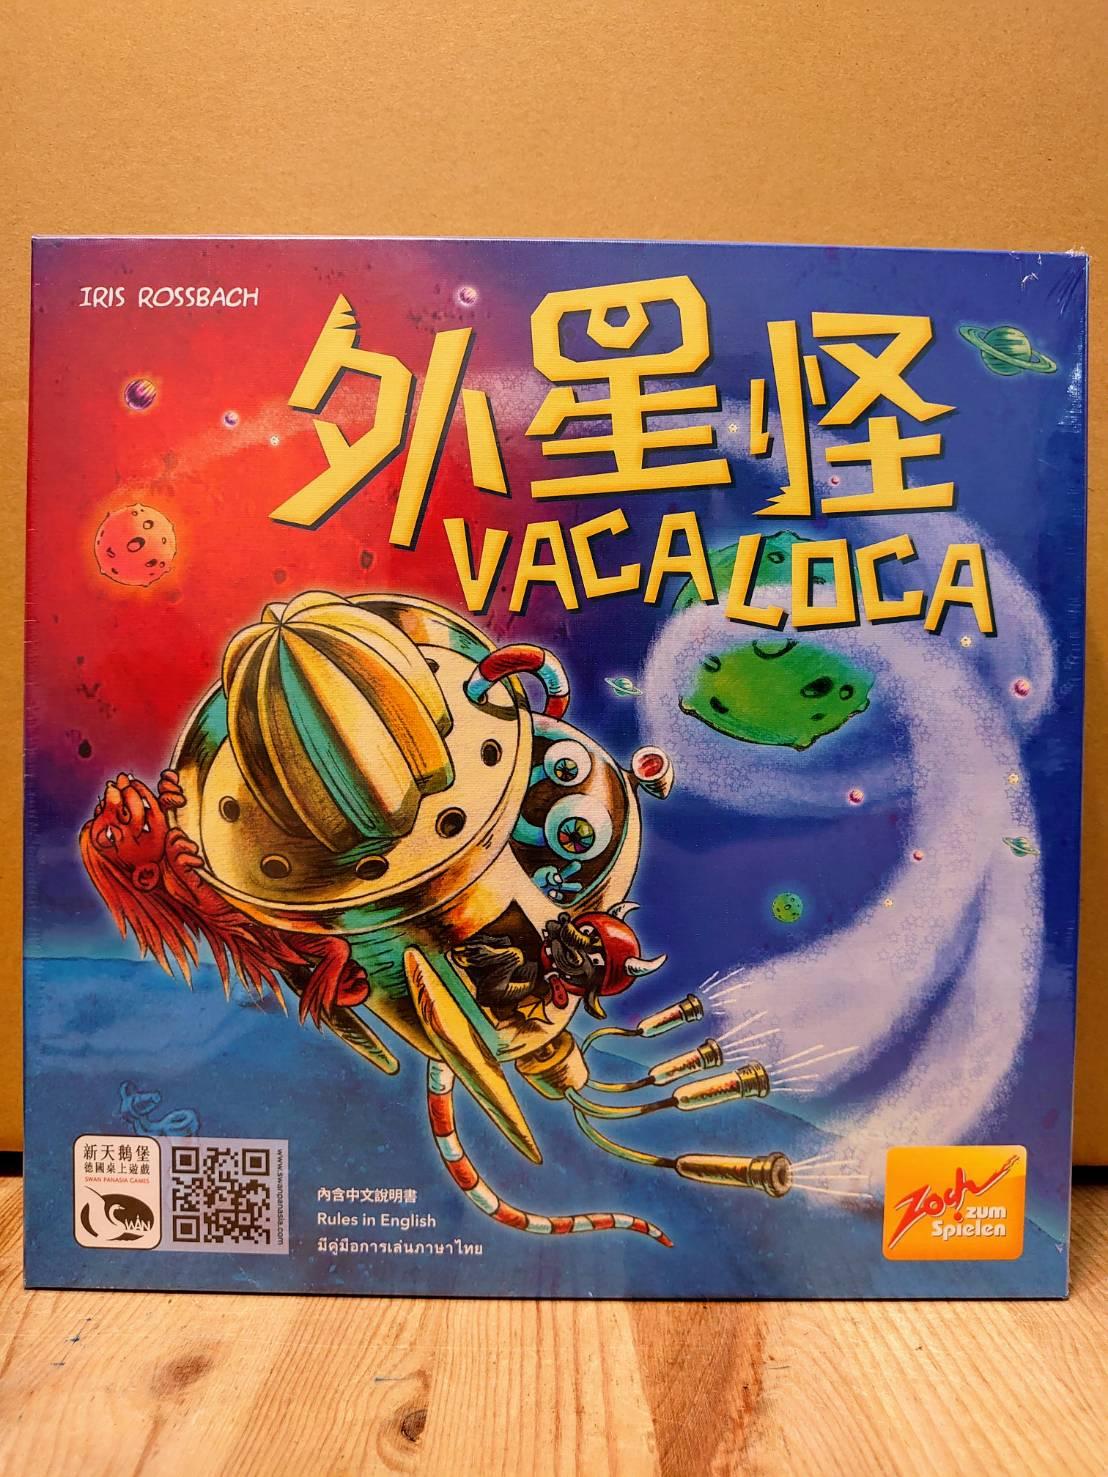 【桌遊侍】外星怪 VACA LOCA 正版實體店面快速出貨 《免運.不須使用牌套》反應遊戲.外星怪物.親子同樂.怪可愛